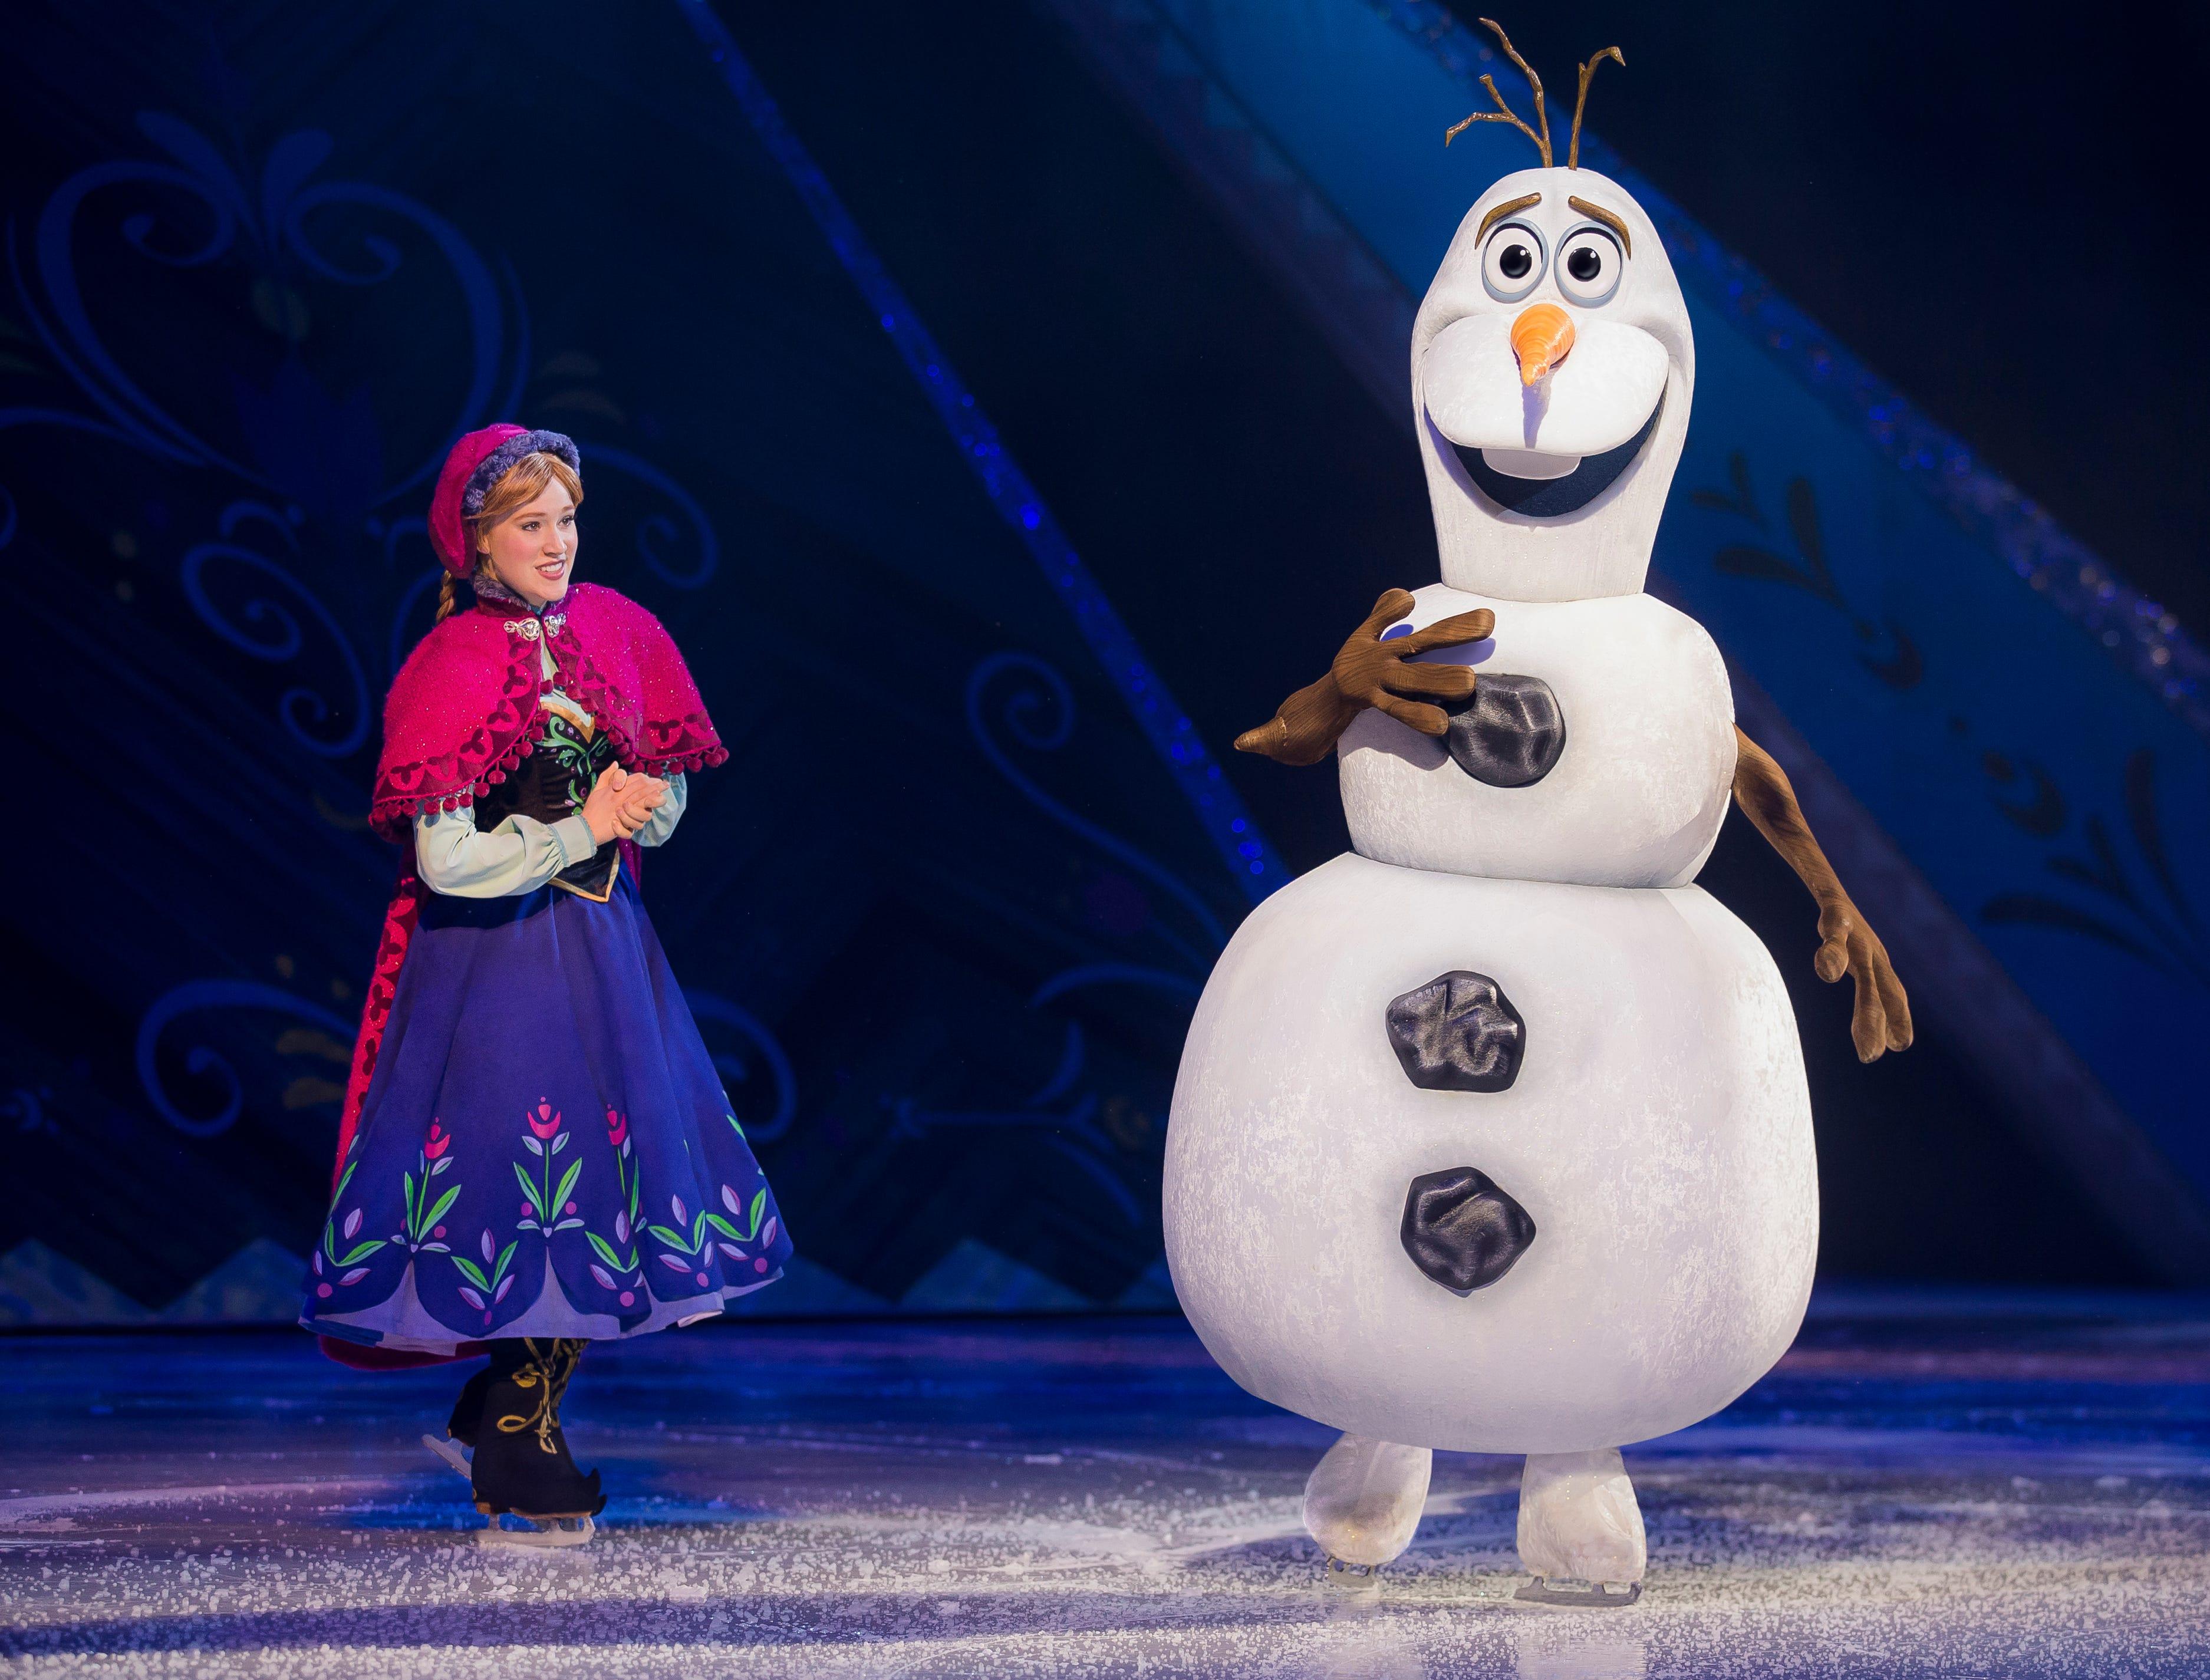 Entra al mundo invernal de Arendelle con las hermanas Anna y Elsa, y sus amigos Olaf y Kristoff de Frozen de Disney, quienes aprenden que el amor verdadero surge del interior.